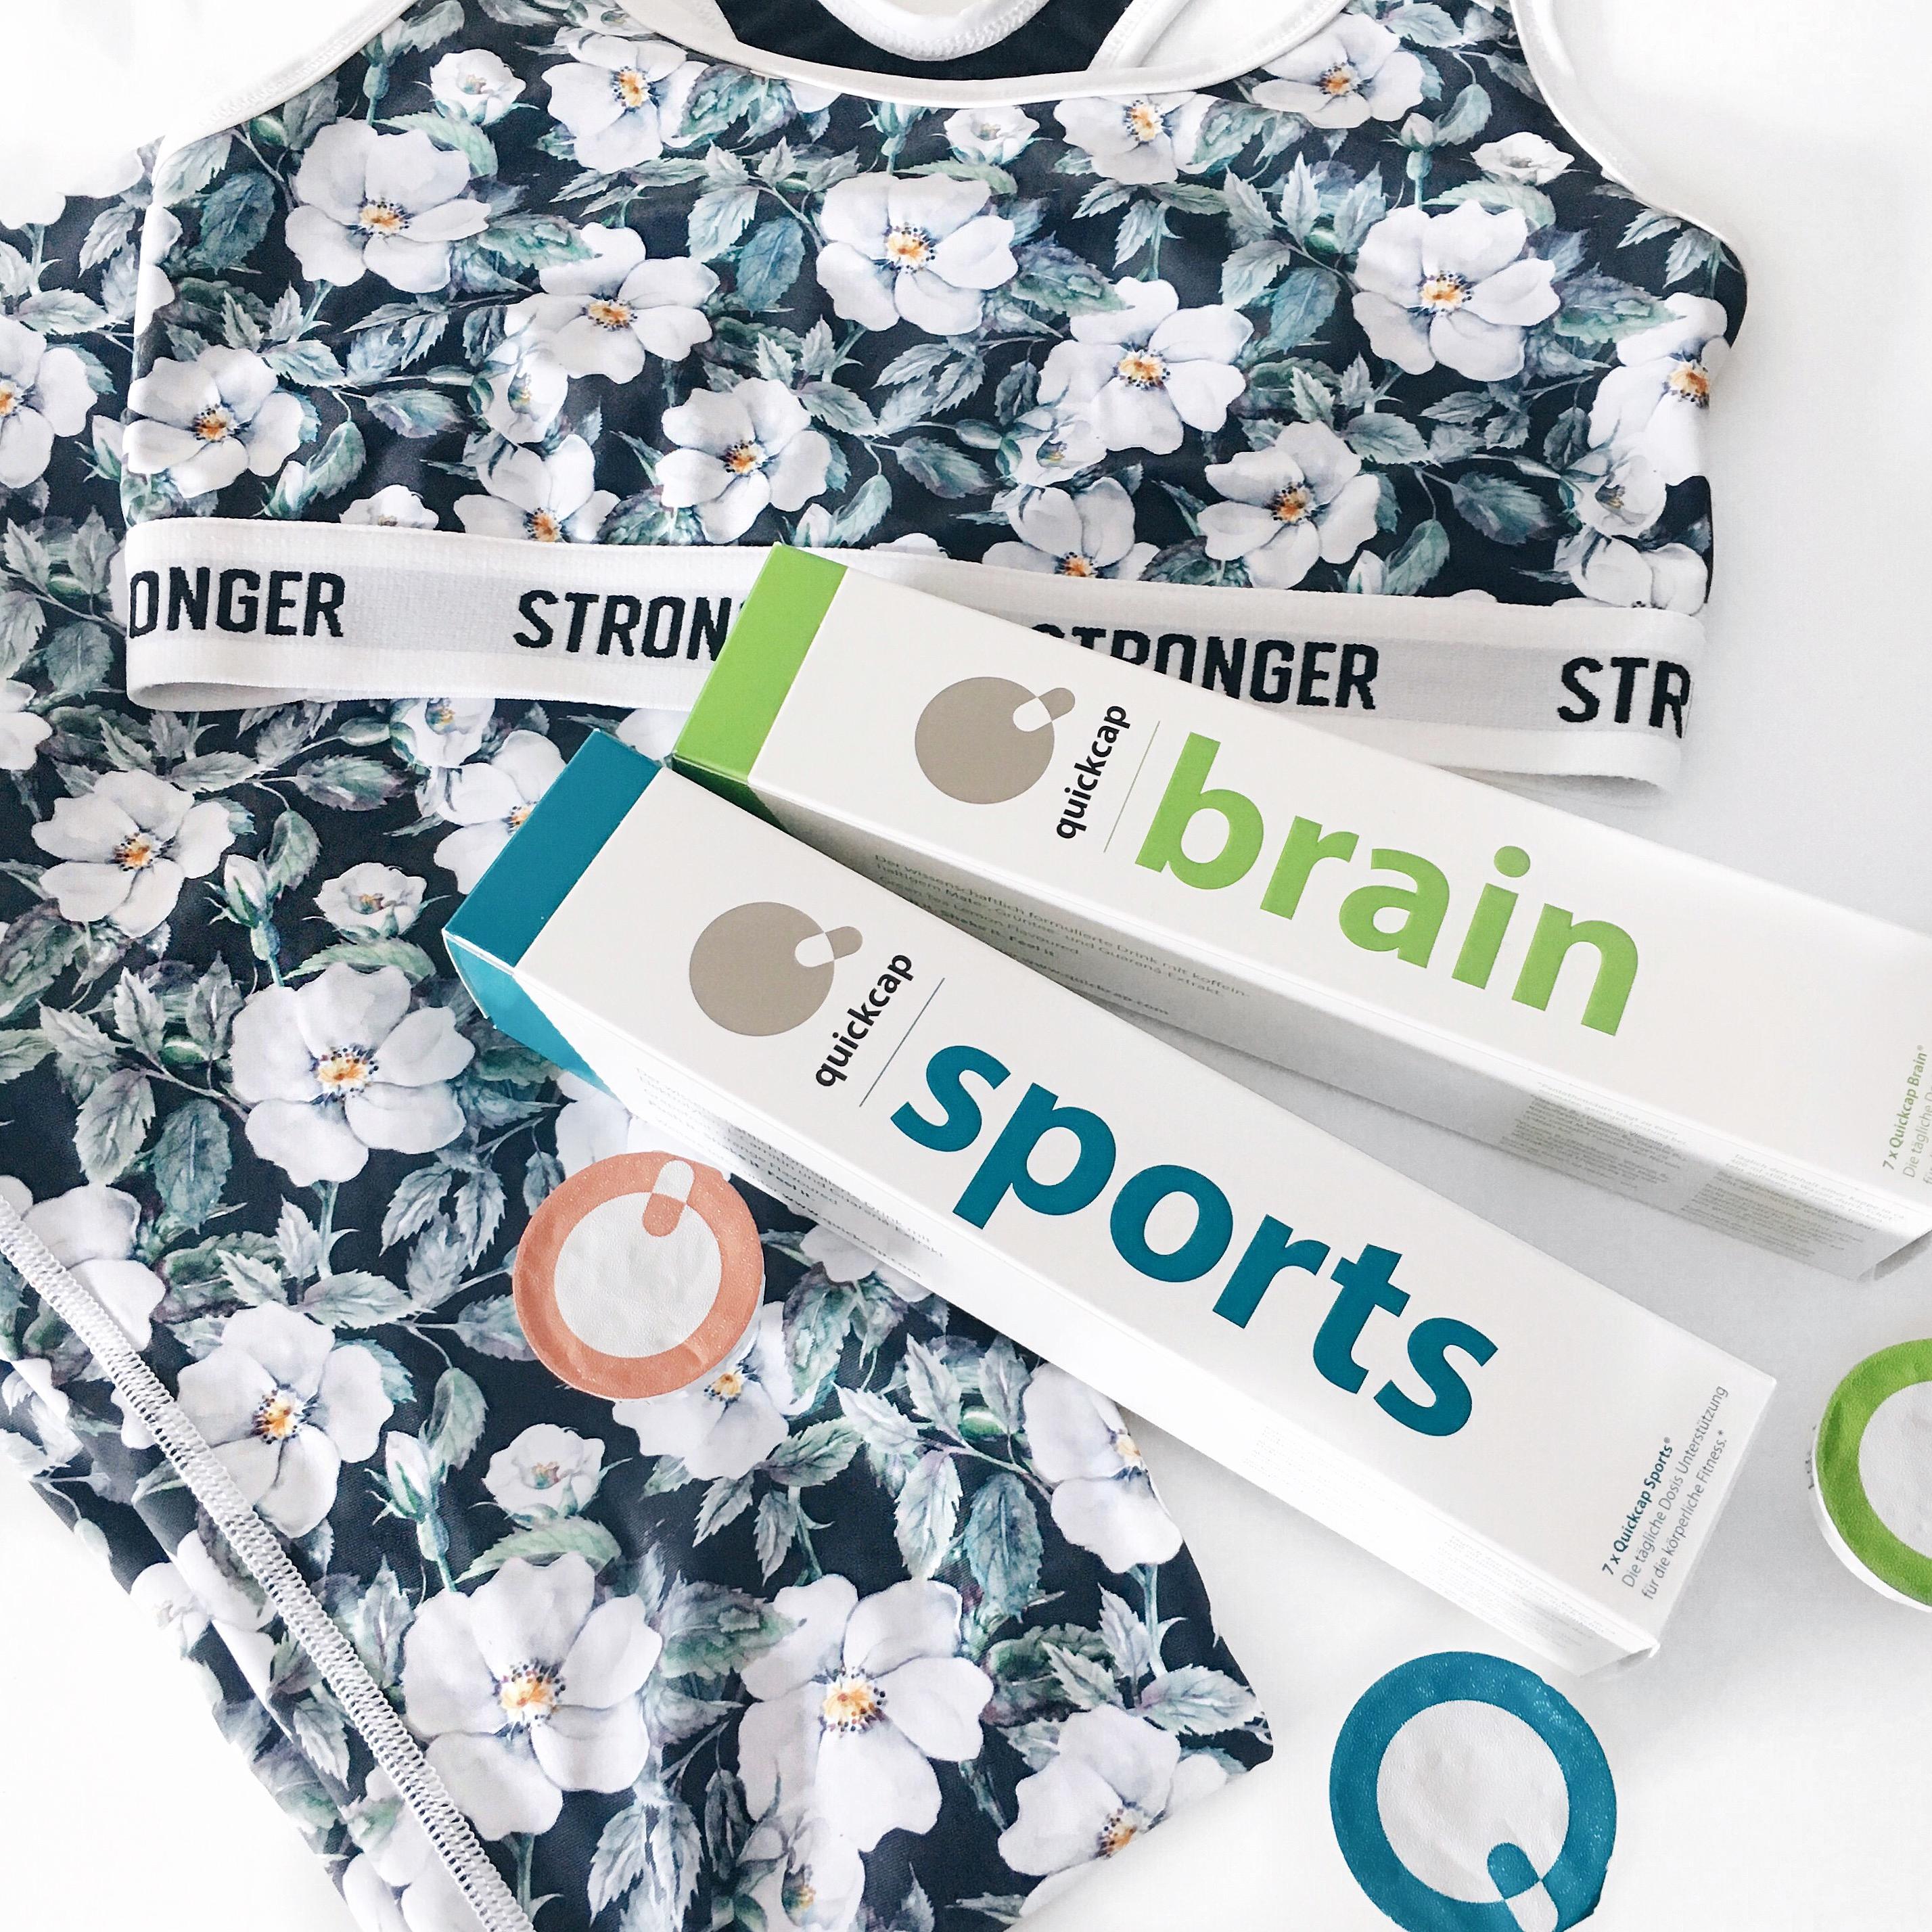 sportkleidung von stornger und quickcaps in brain und sports